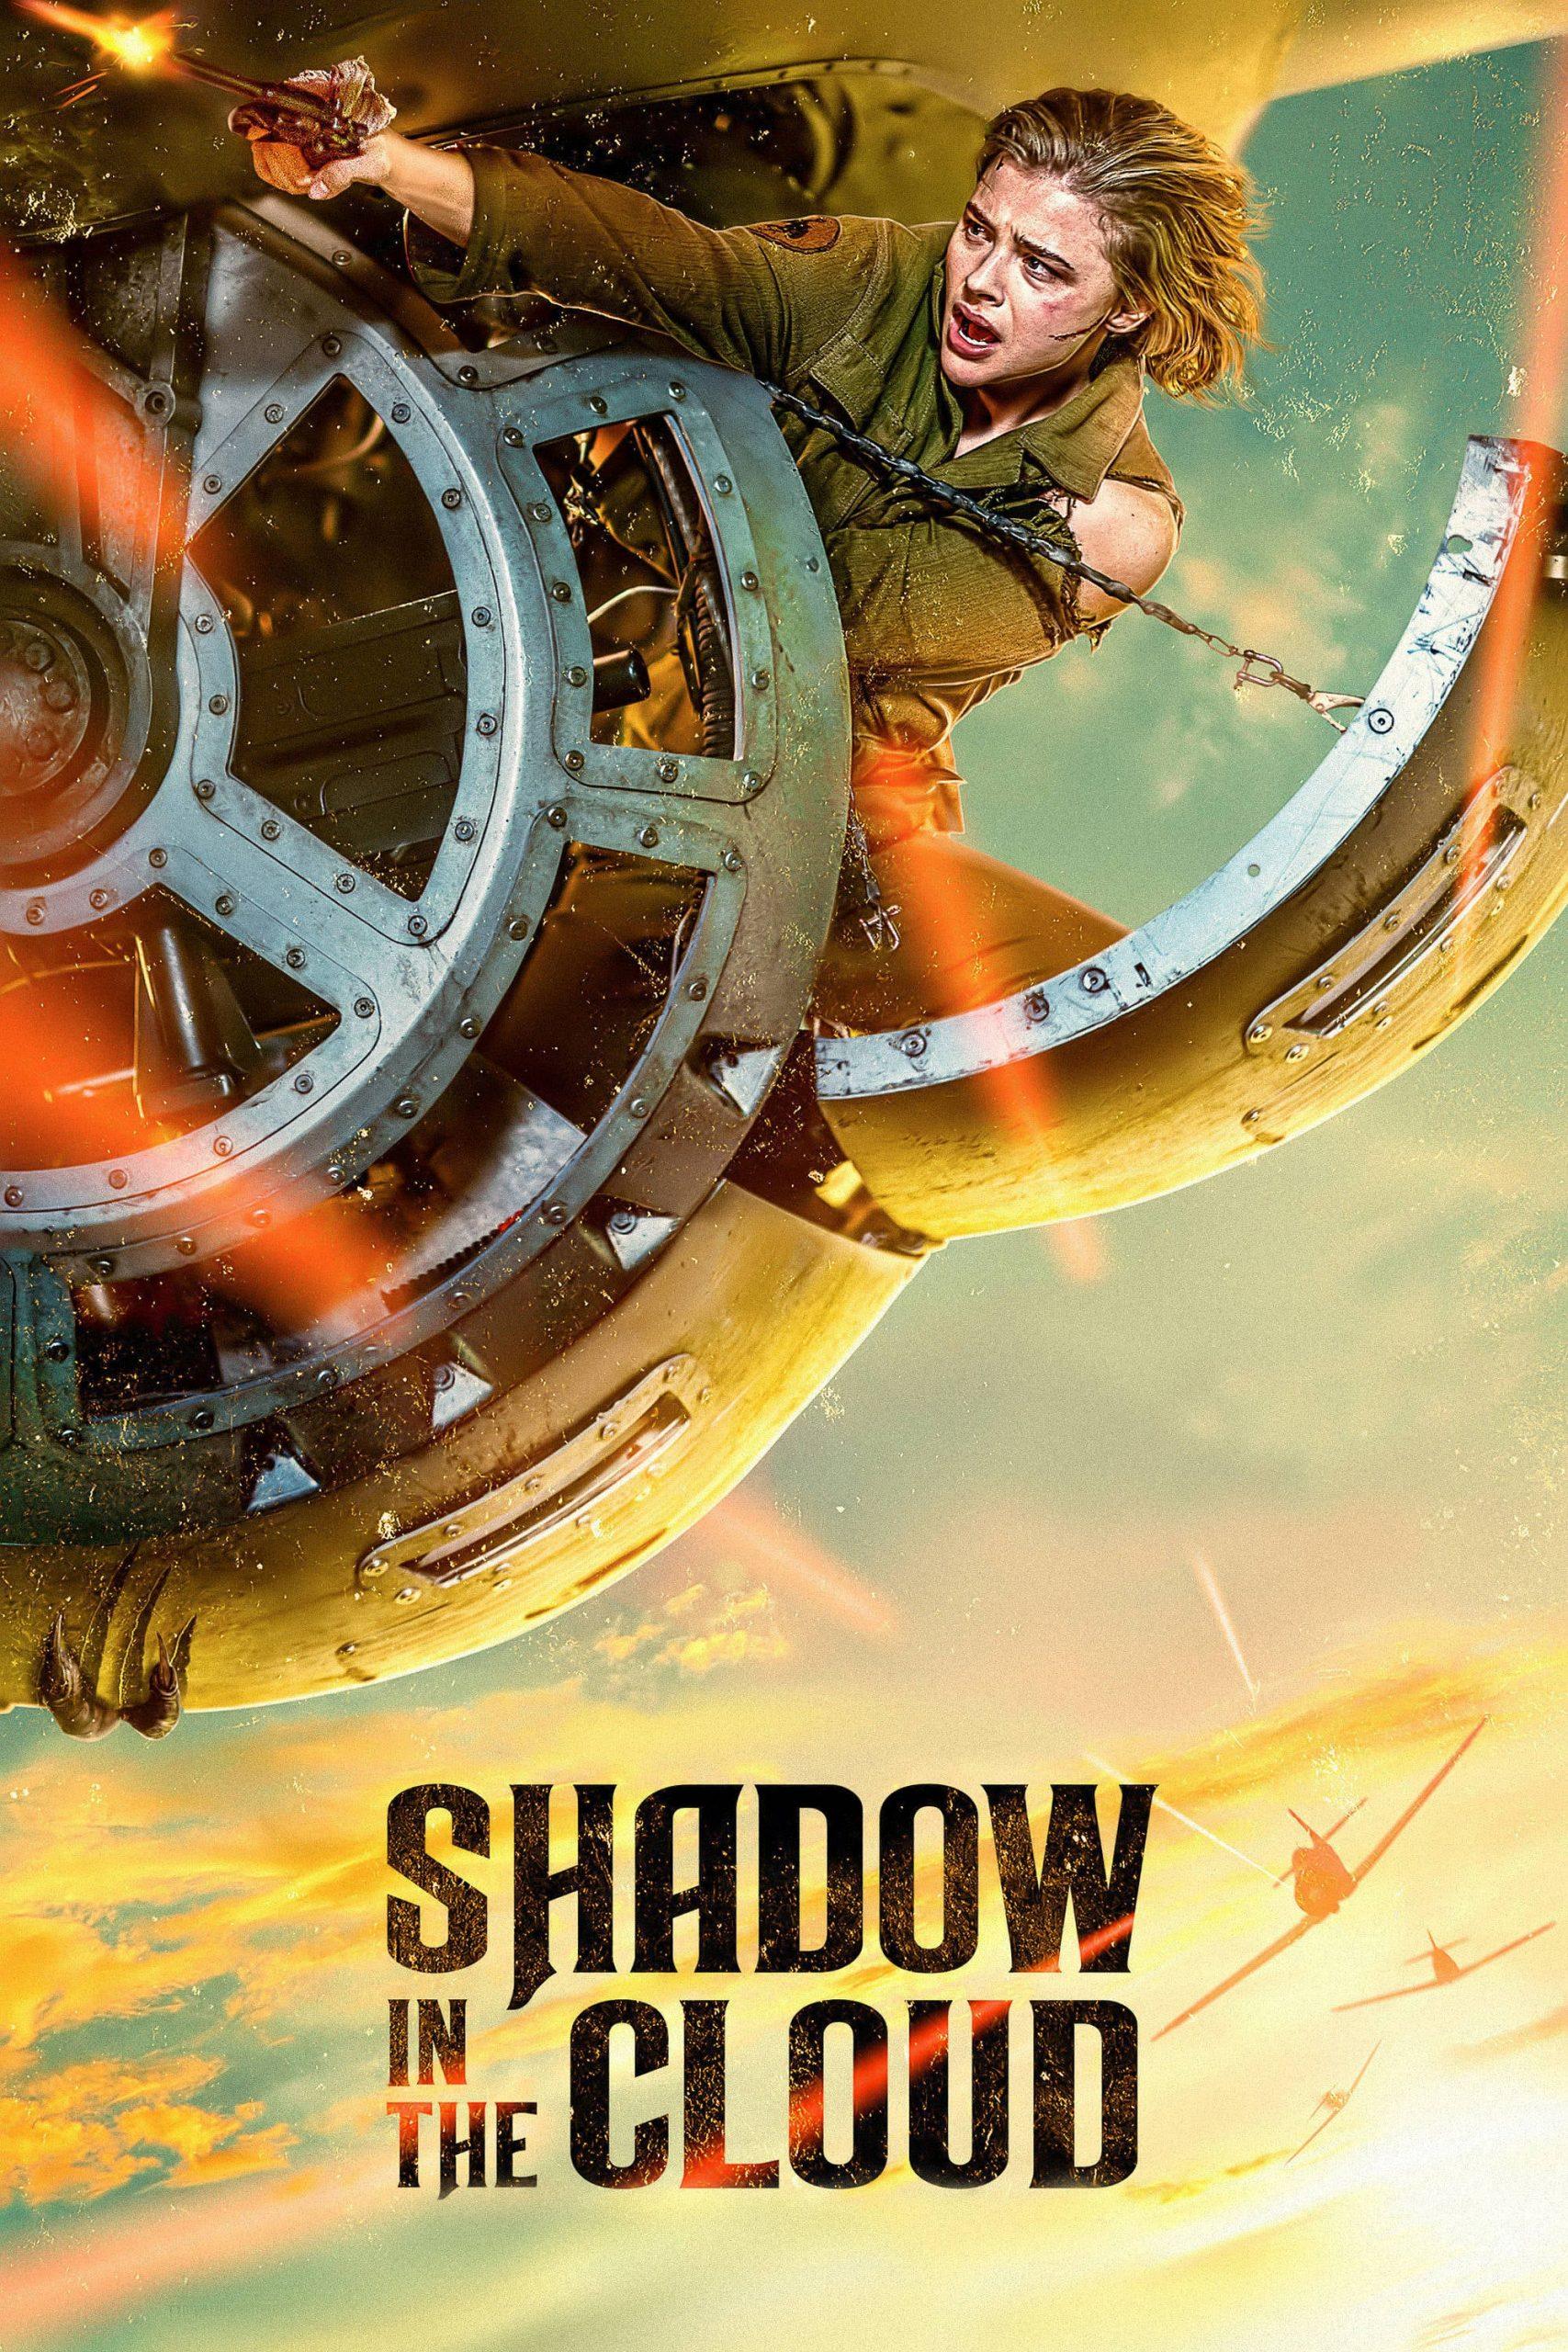 دانلود فیلمShadow in the Cloud 2020 با دوبله فارسی